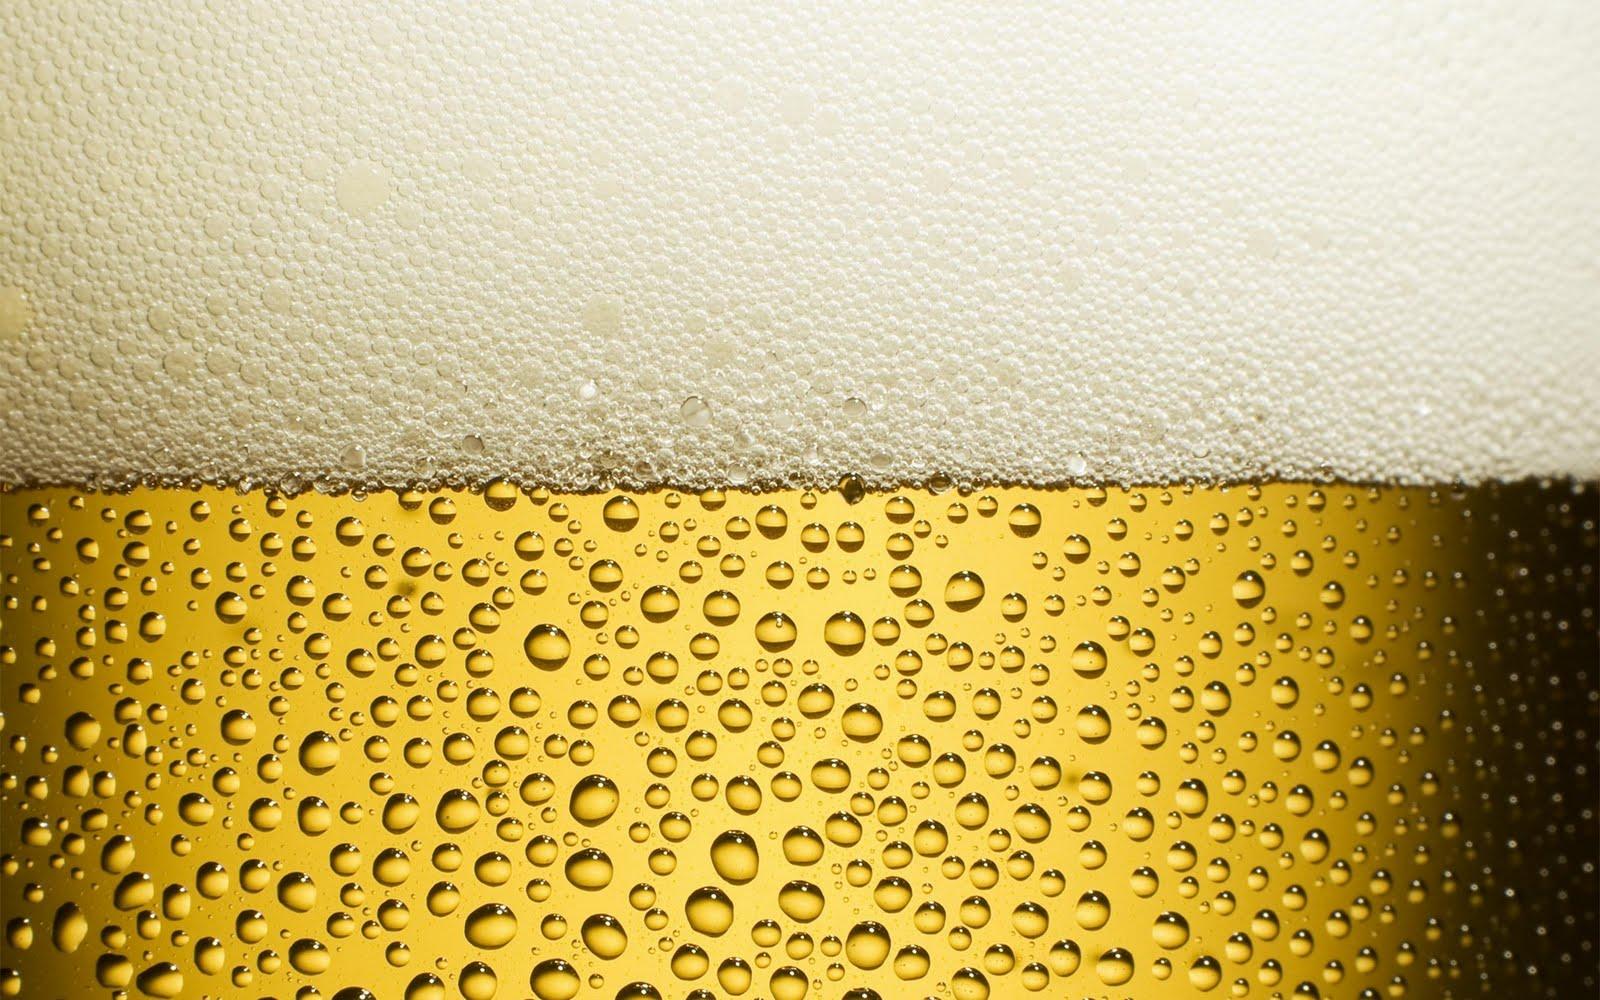 http://1.bp.blogspot.com/_64QM8mYklnU/TJr67At8ZBI/AAAAAAAAAOk/MFTGwE2dNeU/s1600/keep-beer-cold-2560x1600.jpg